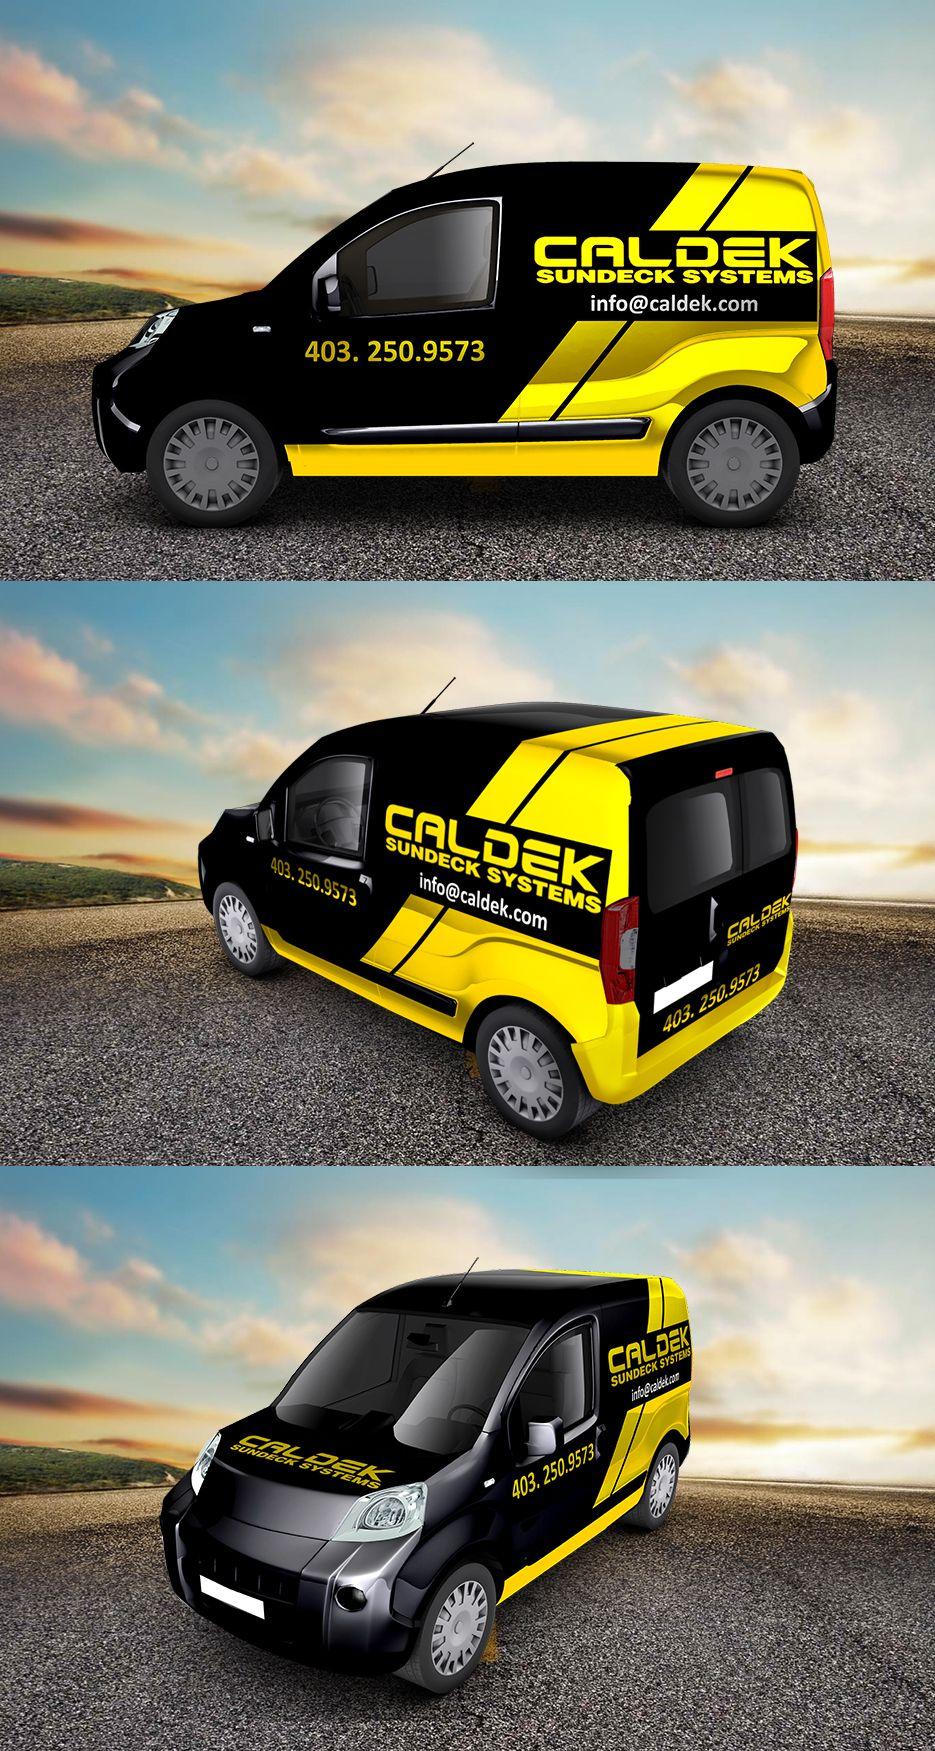 CALDEK #marketing #advertising